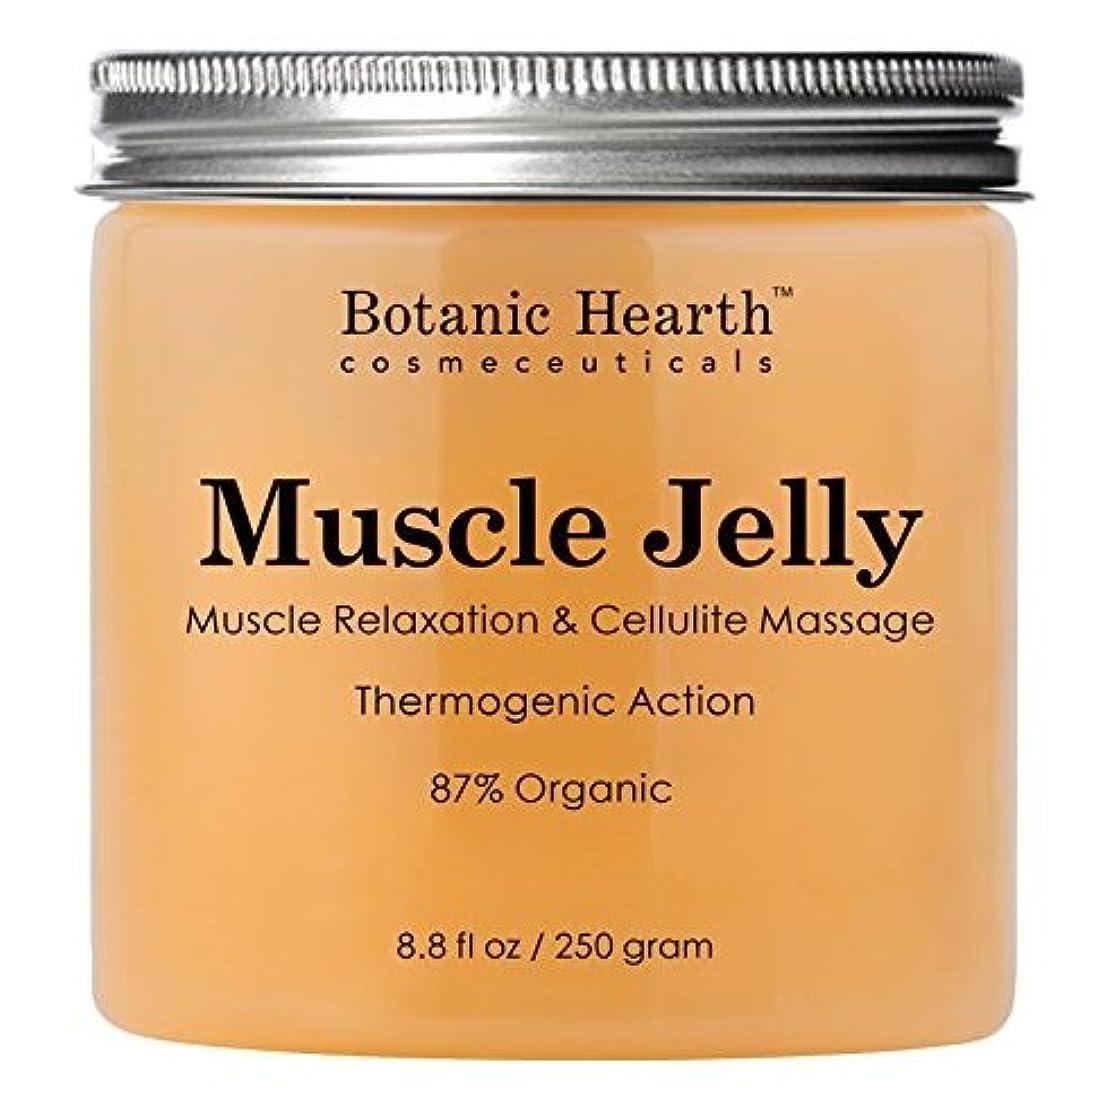 じゃがいも露骨なシャンパン【2個】【海外直送品】Botanic Hearth Muscle Jelly Hot Cream 8.8 fl. oz.x2個セット